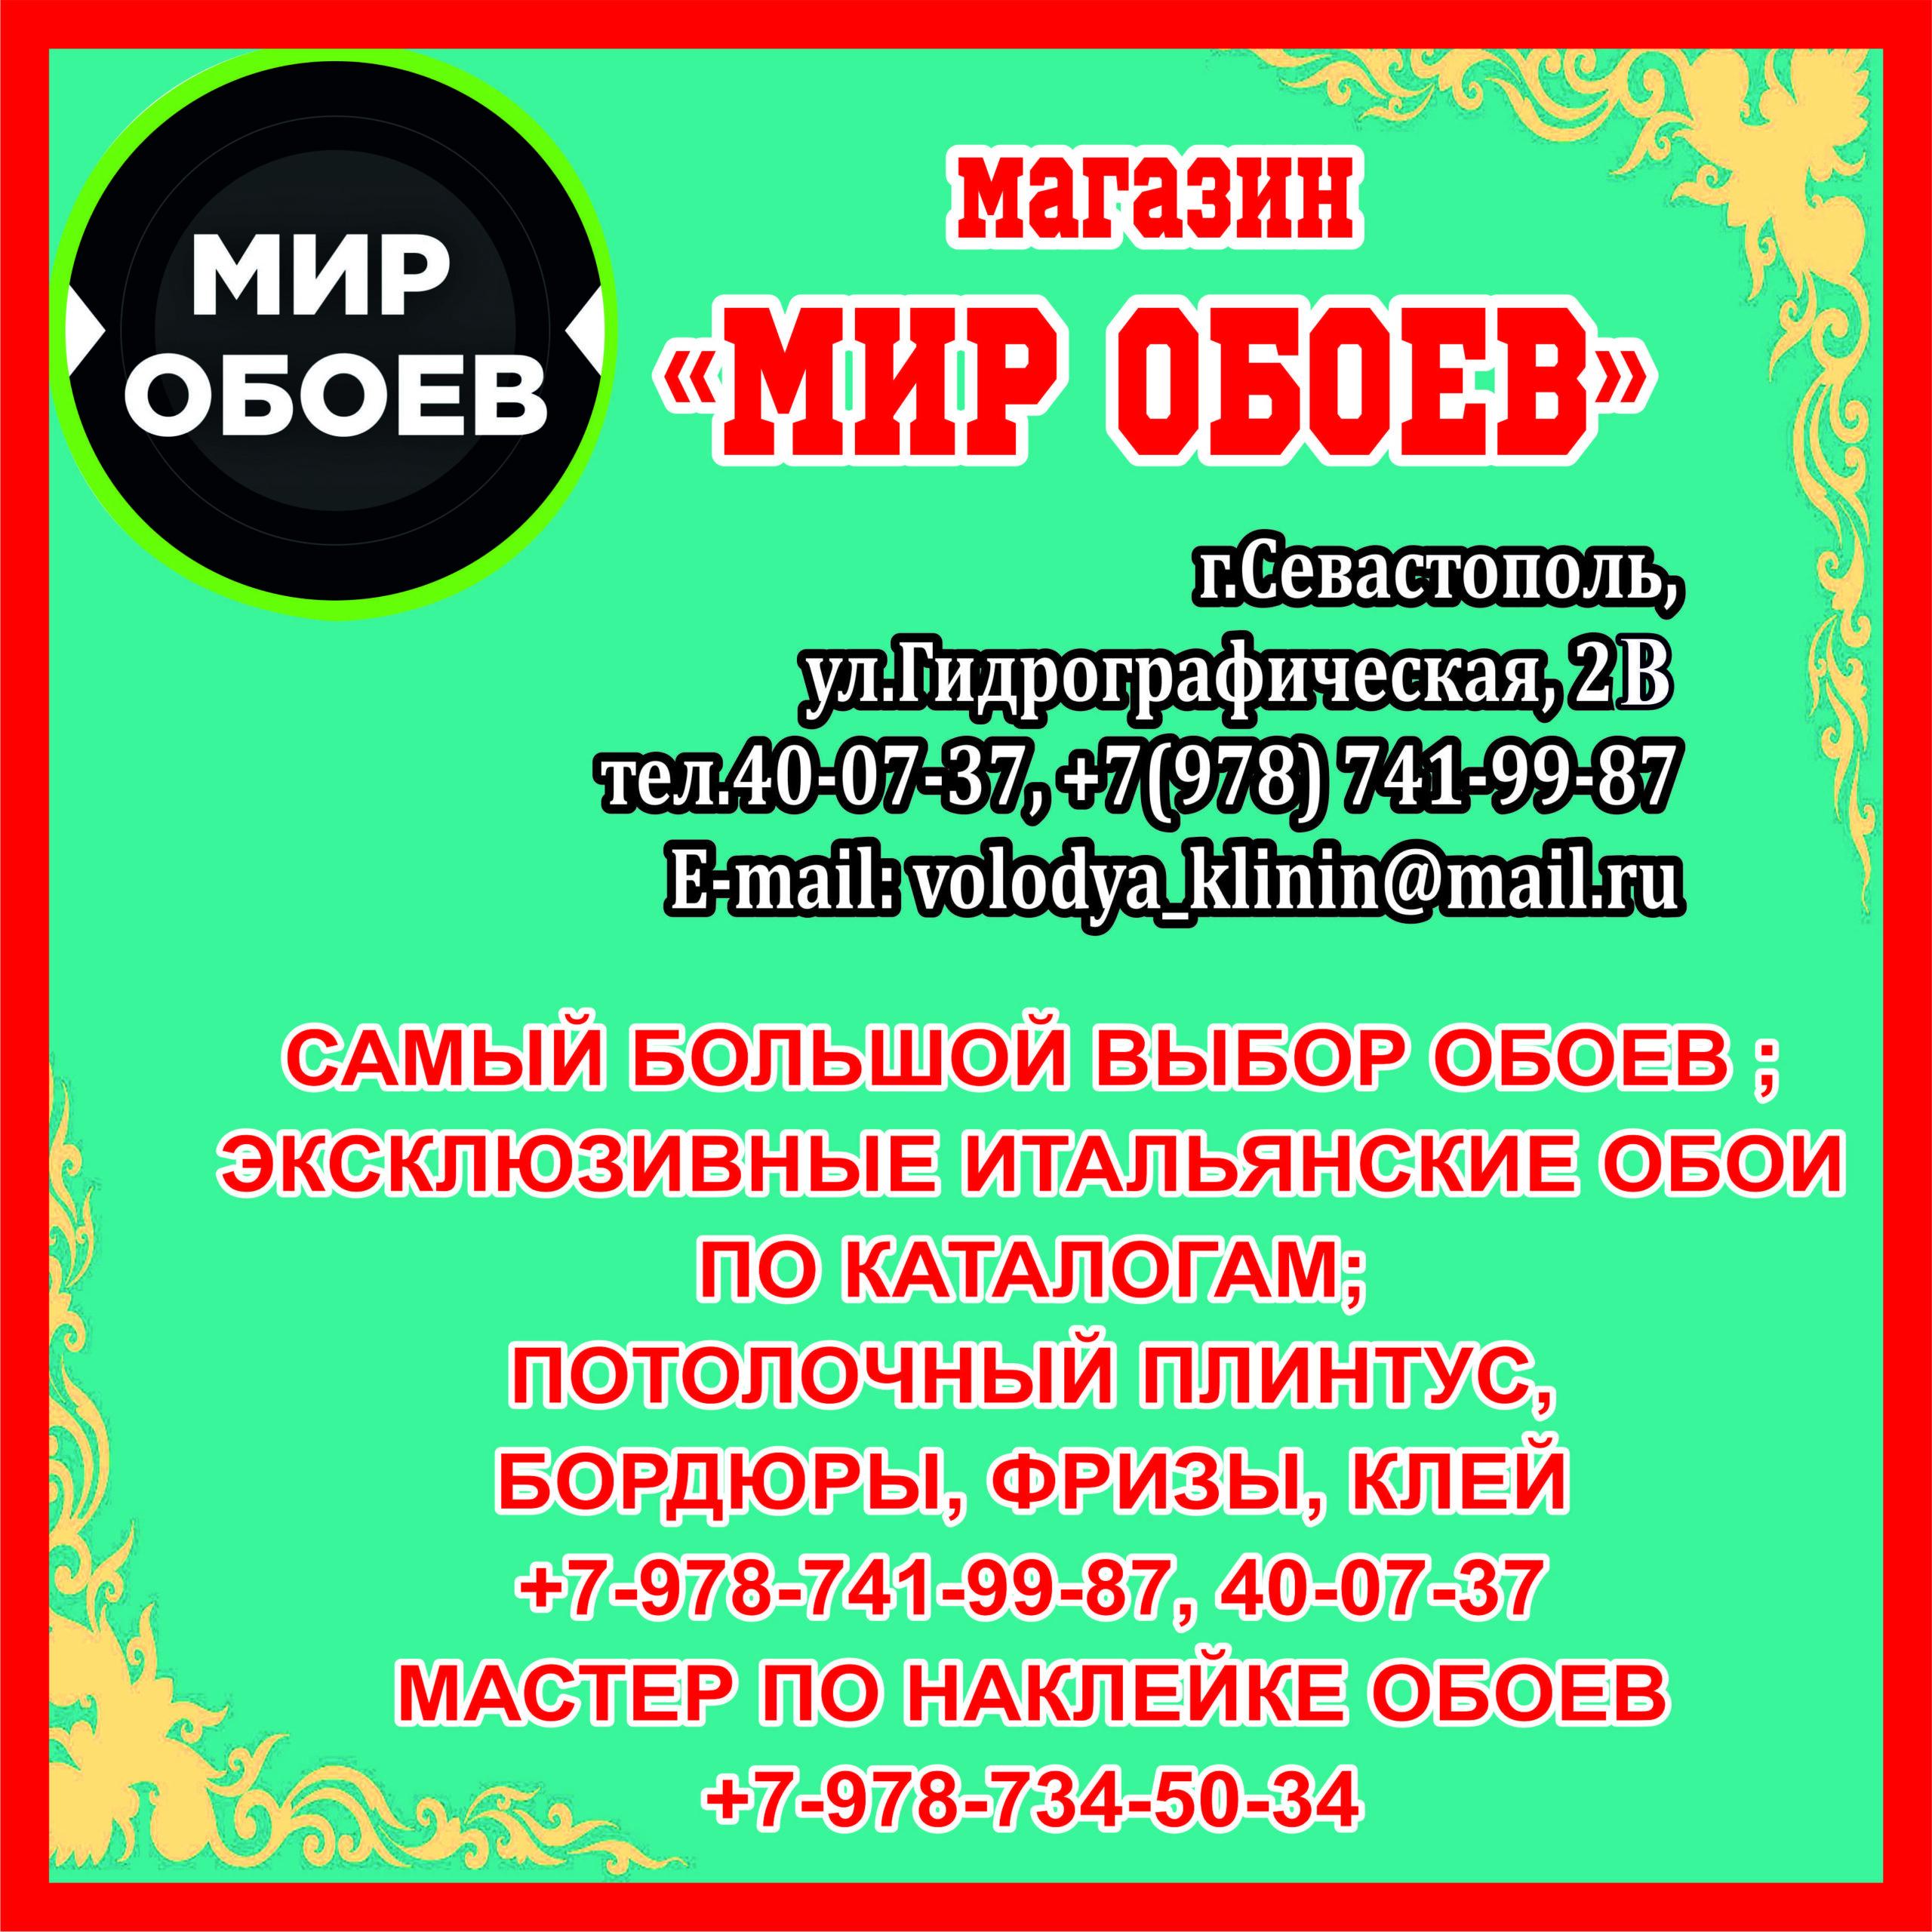 AMirOboev